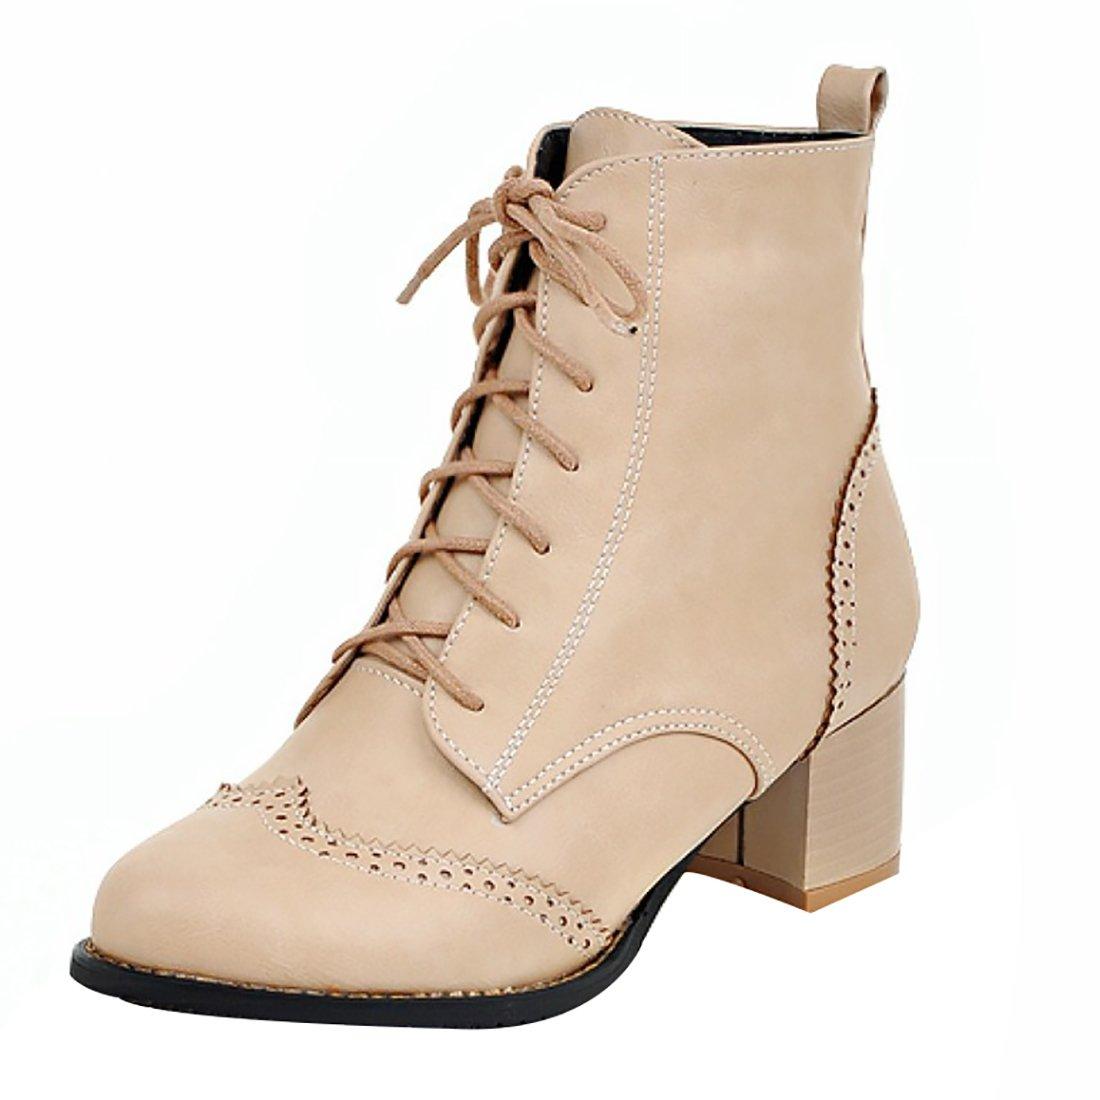 UH Damen Chunky Schnürung High Heels Stiefeletten Martin Boots mit Blockabsatz und Fell Bequeme Warm Schuhe  38 EU|Aprikose